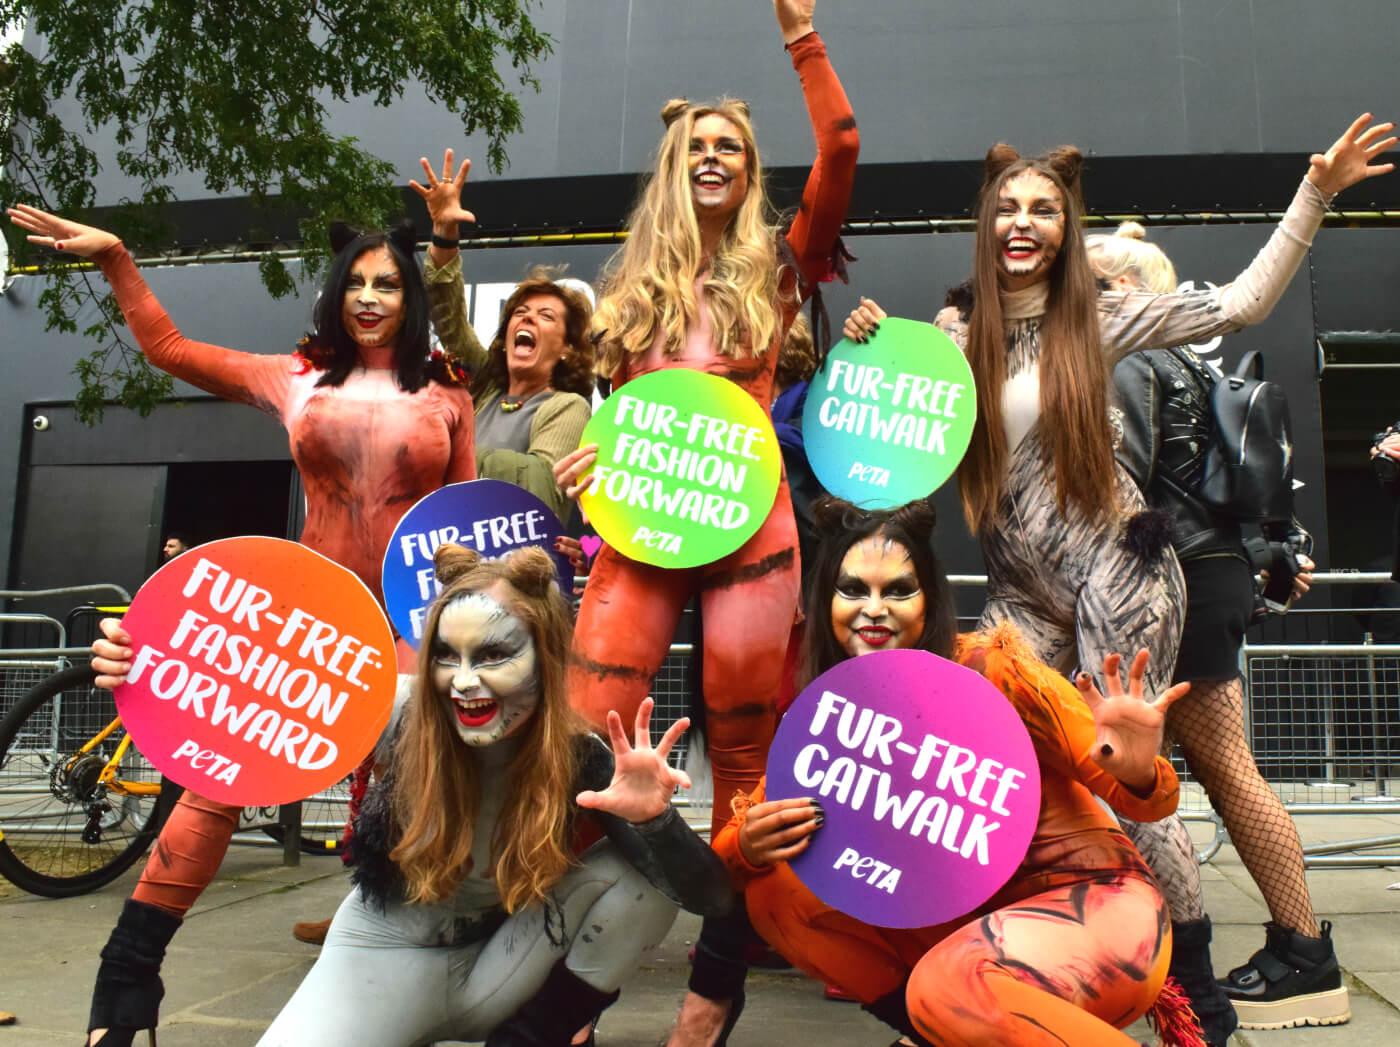 PETA Activists Celebrate London Fashion Week Going Fur Free (Photo Credit: PETA UK)